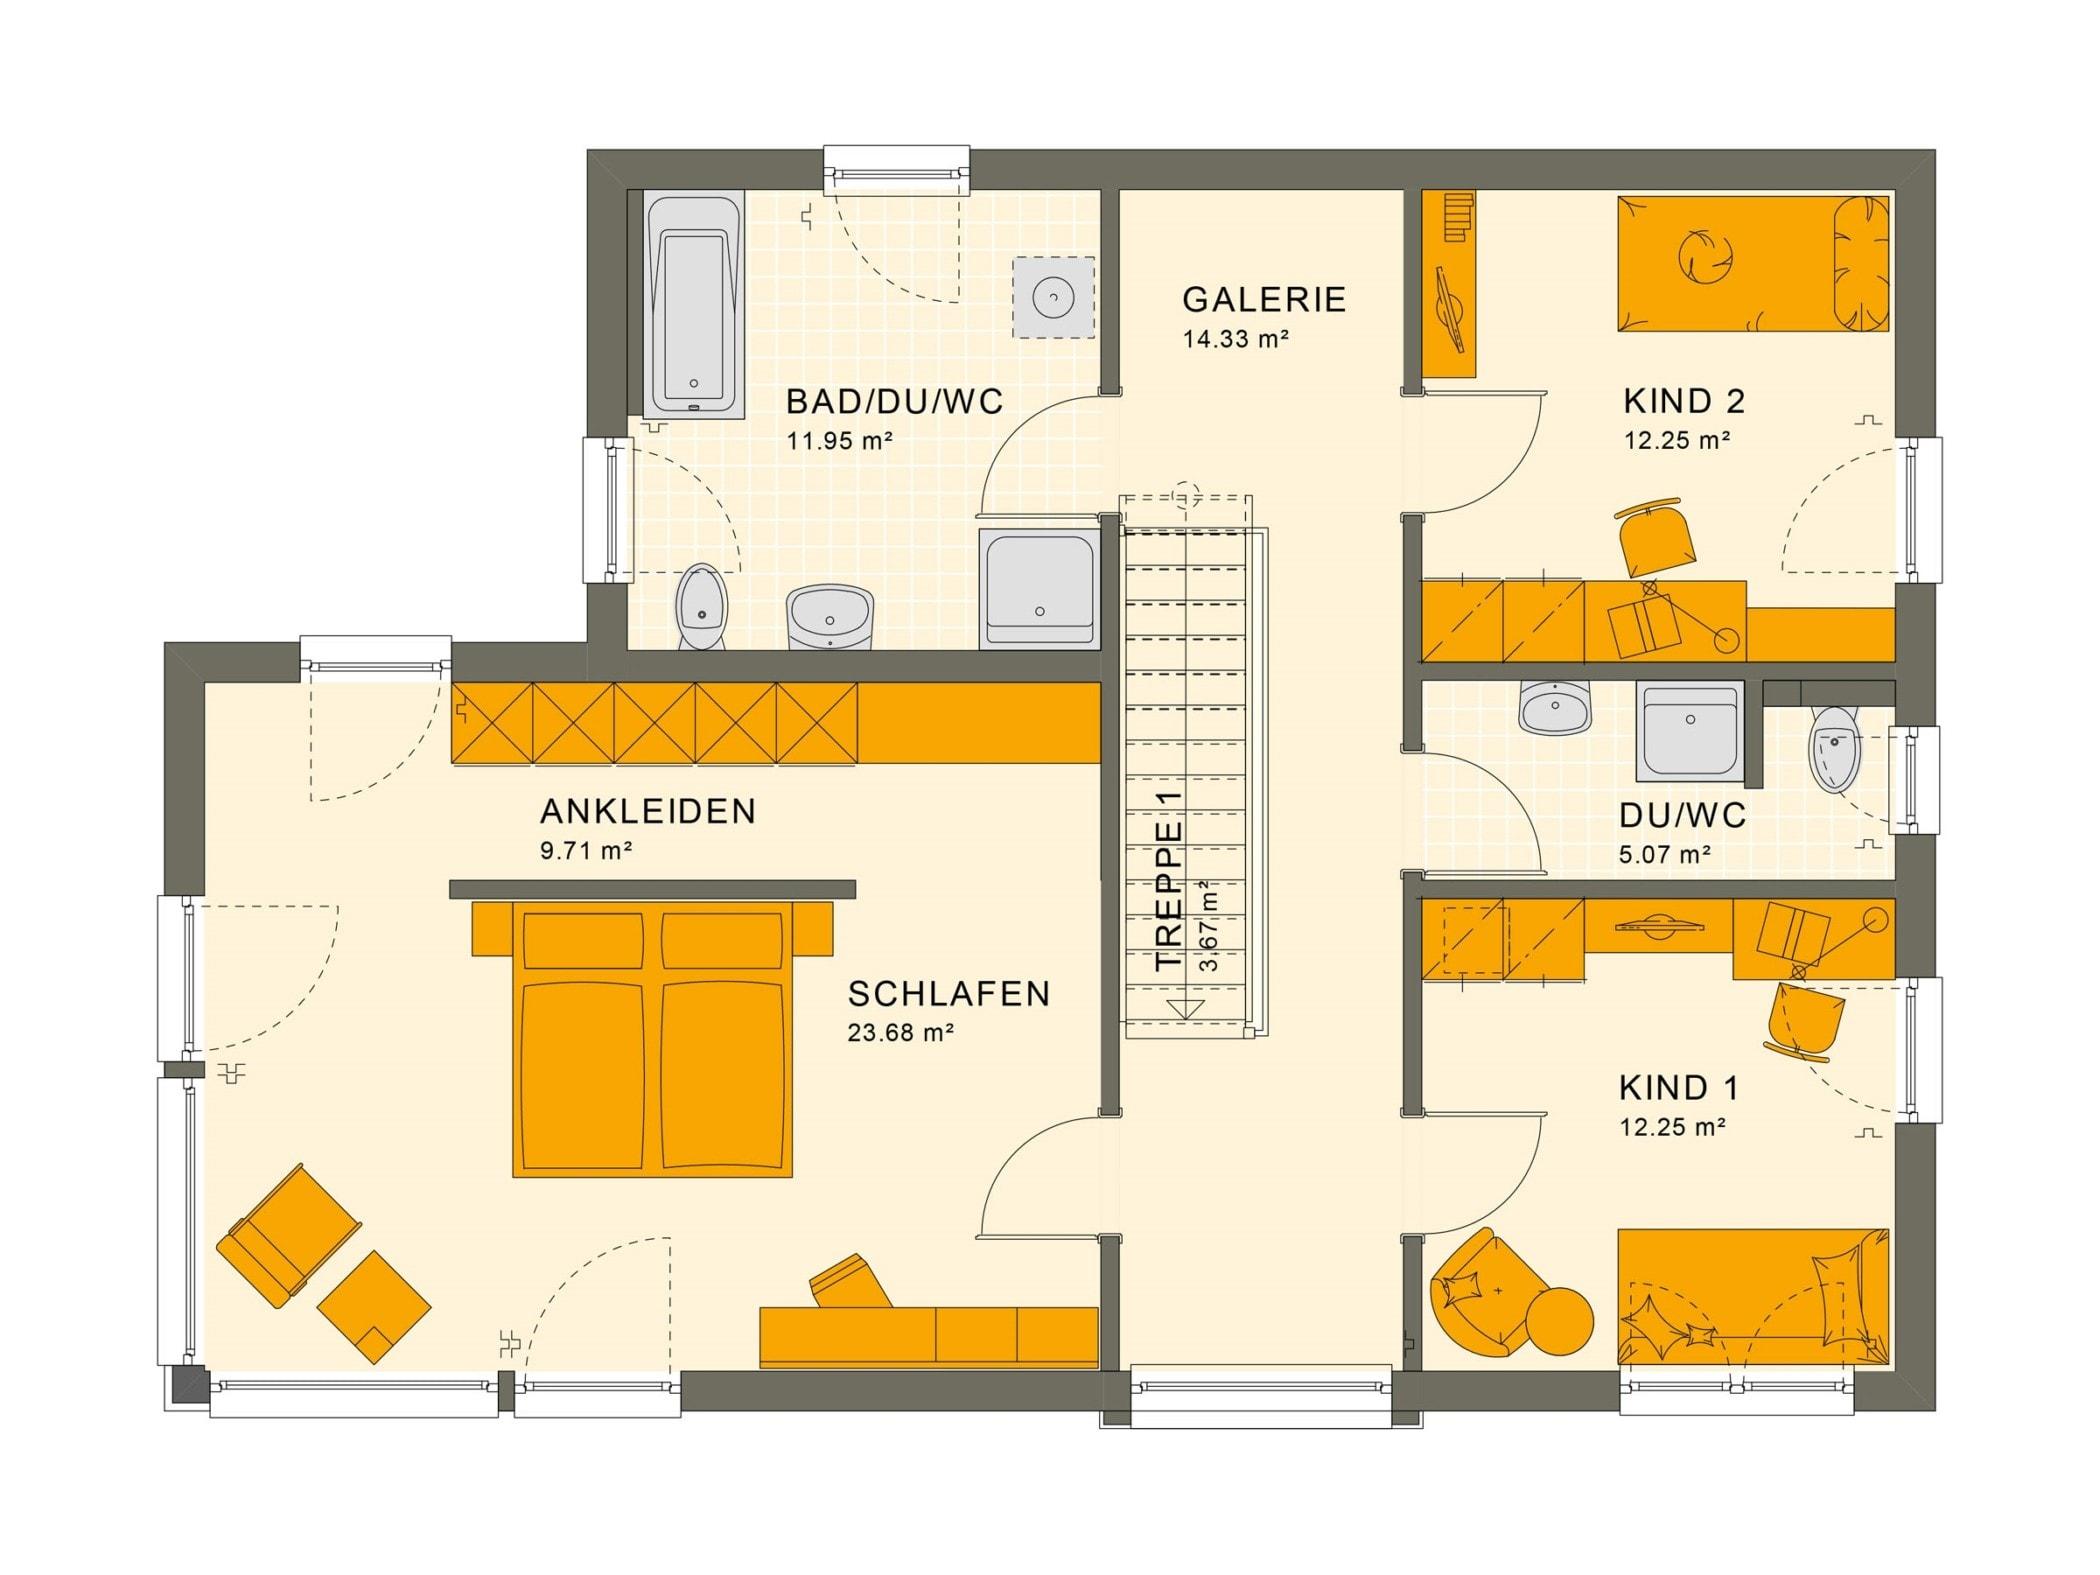 Grundriss Einfamilienhaus Obergeschoss Treppe gerade mit Galerie & Flachdach, 5 Zimmer, 154 qm - Living Haus Fertighaus SUNSHINE 154 V7 - HausbauDirekt.de